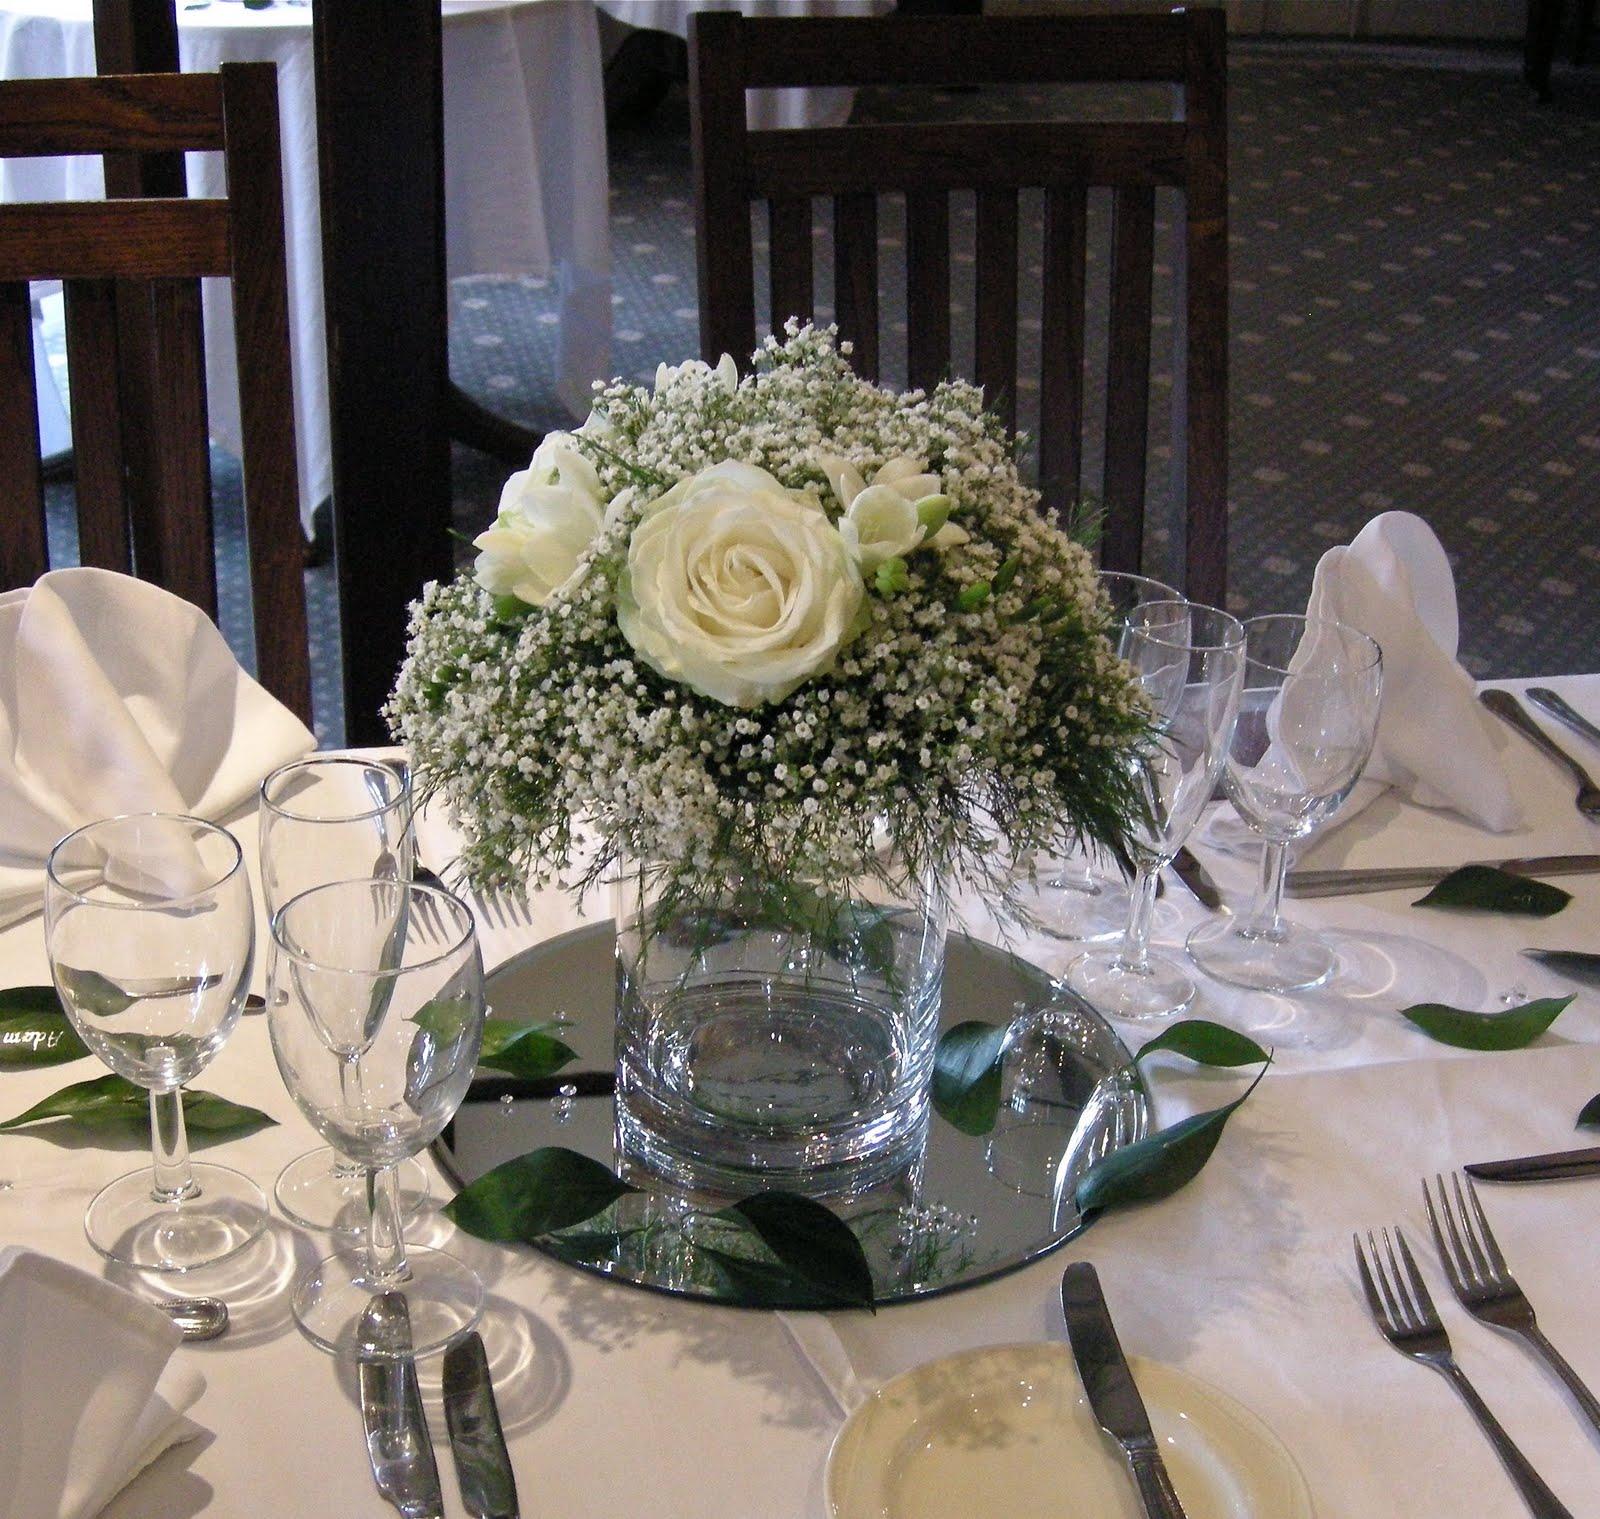 wedding flowers blog august 2011. Black Bedroom Furniture Sets. Home Design Ideas